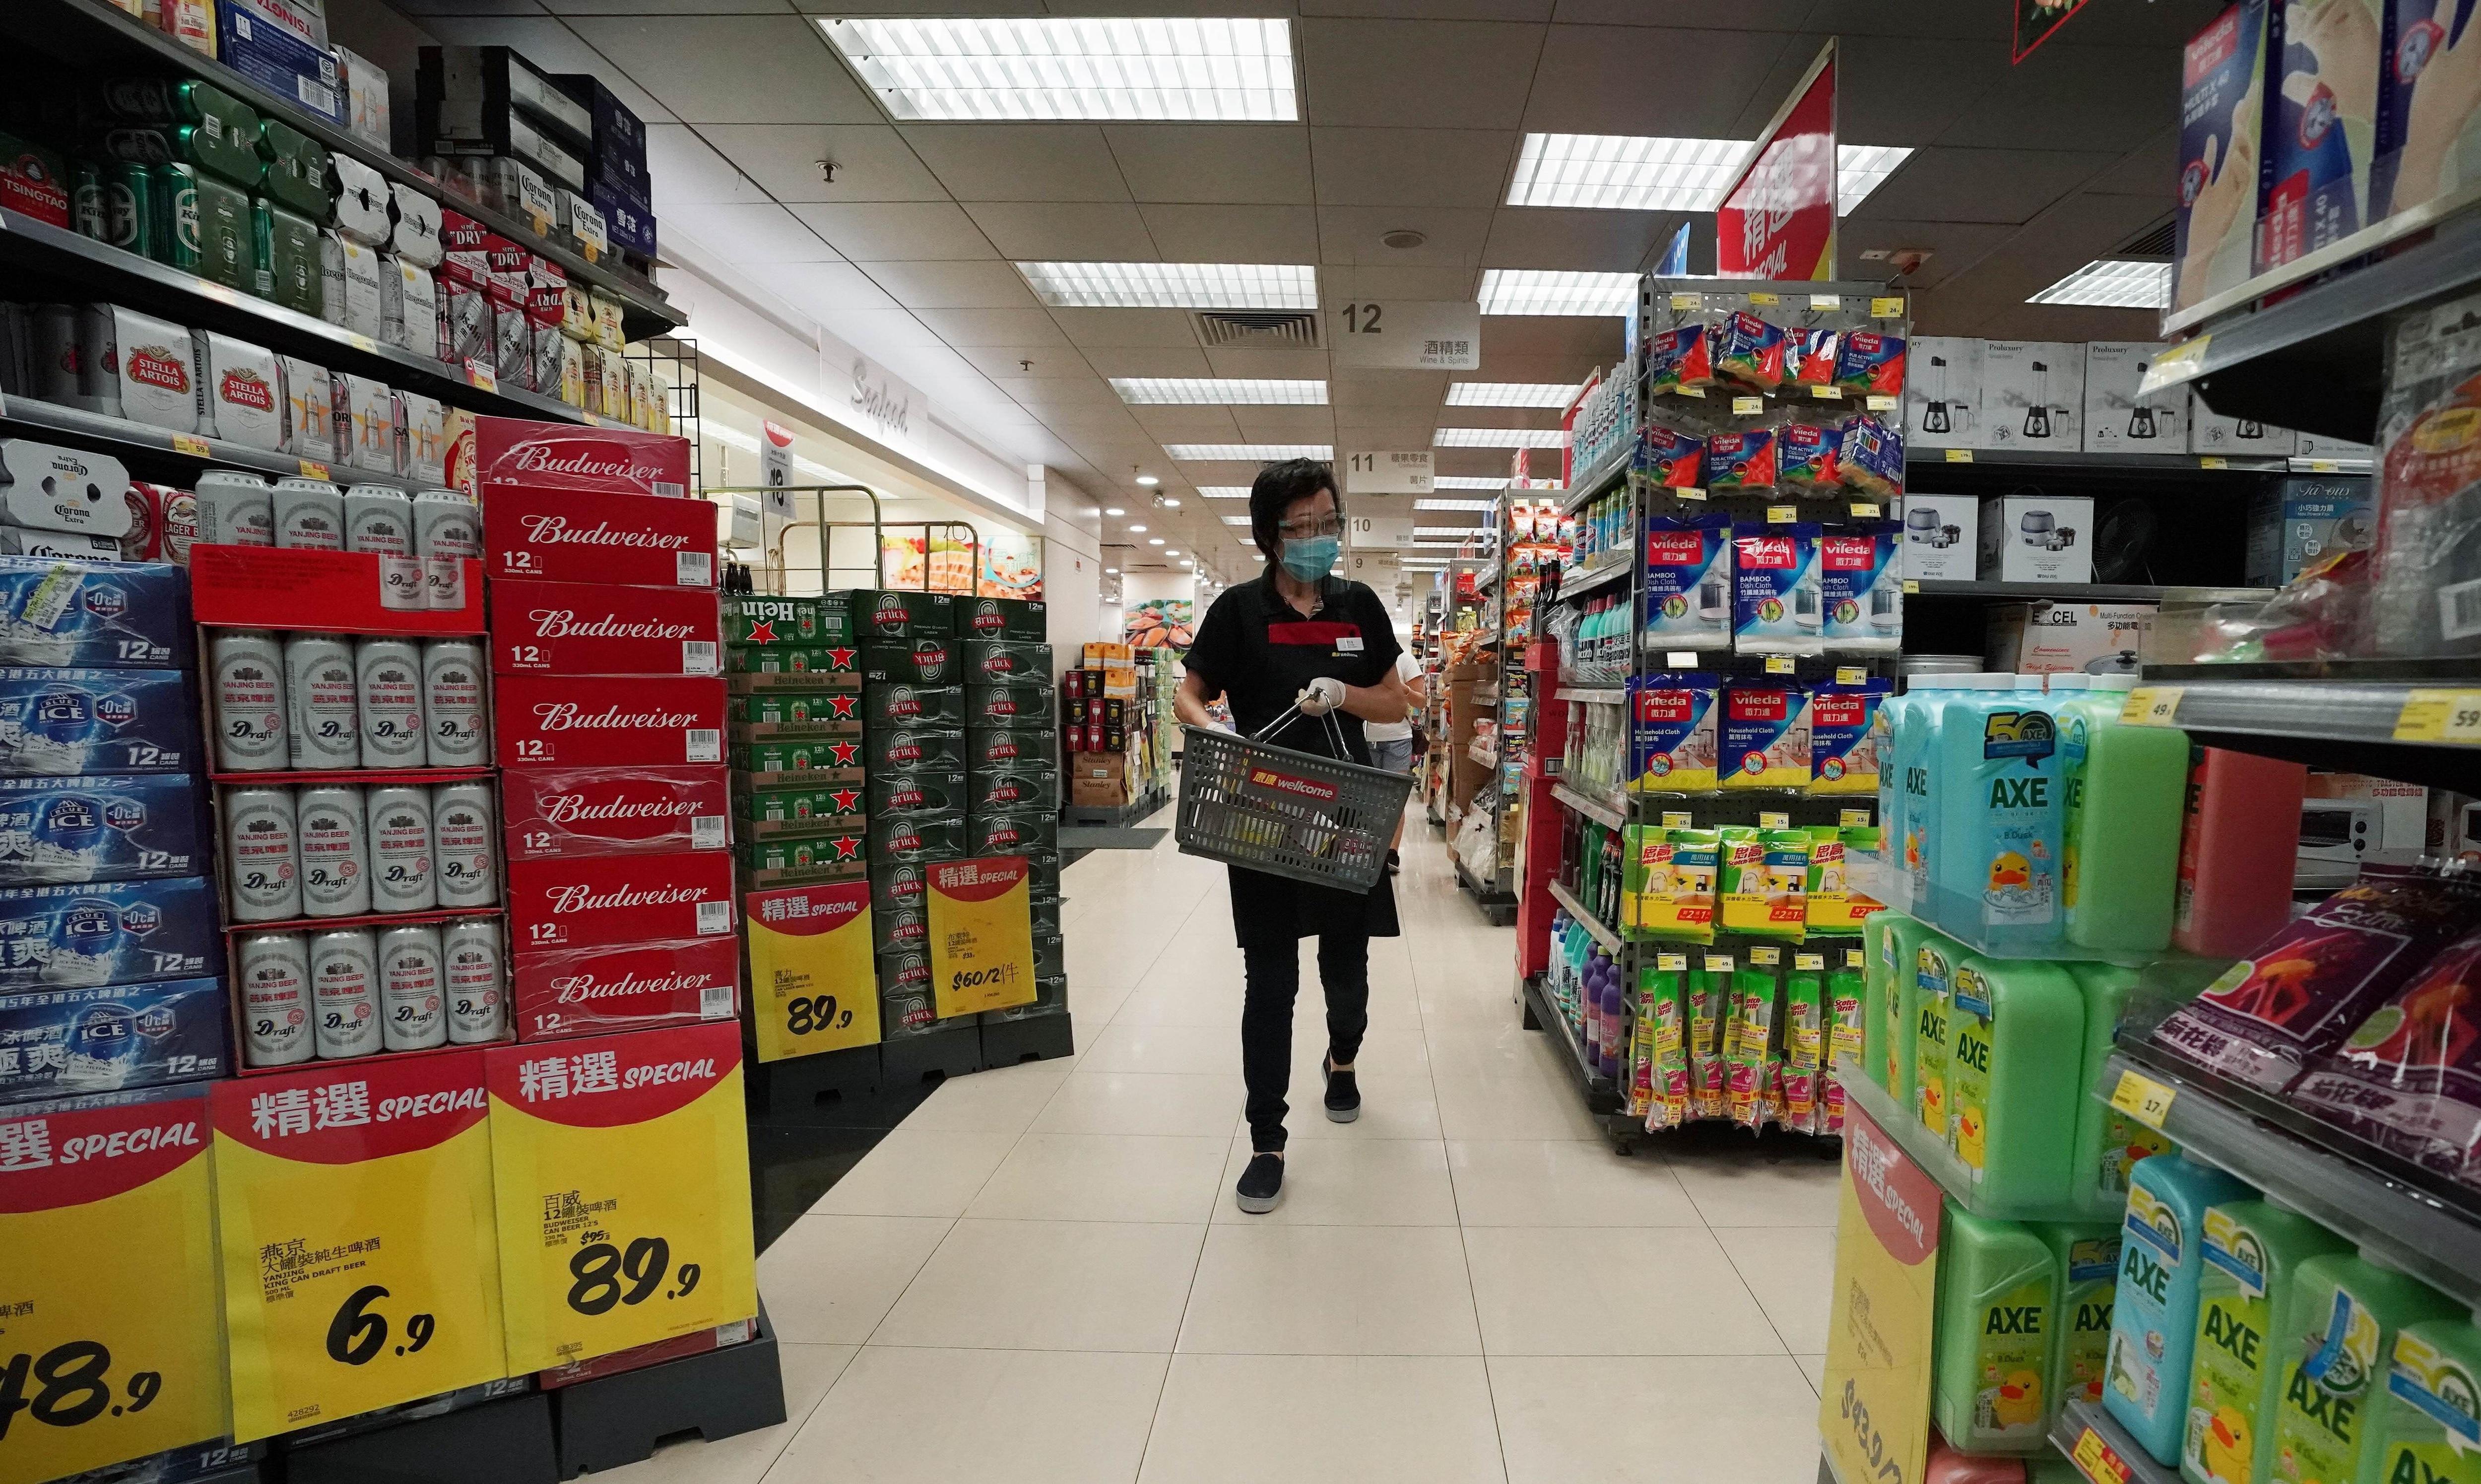 21/09/2020 Uan trabajadora de un supermercado de Hong Kong, China. POLITICA JAPÓN ASIA ASIA HONG KONG CHINA ASIA INTERNACIONAL FELIX WONG / ZUMA PRESS / CONTACTOPHOTO